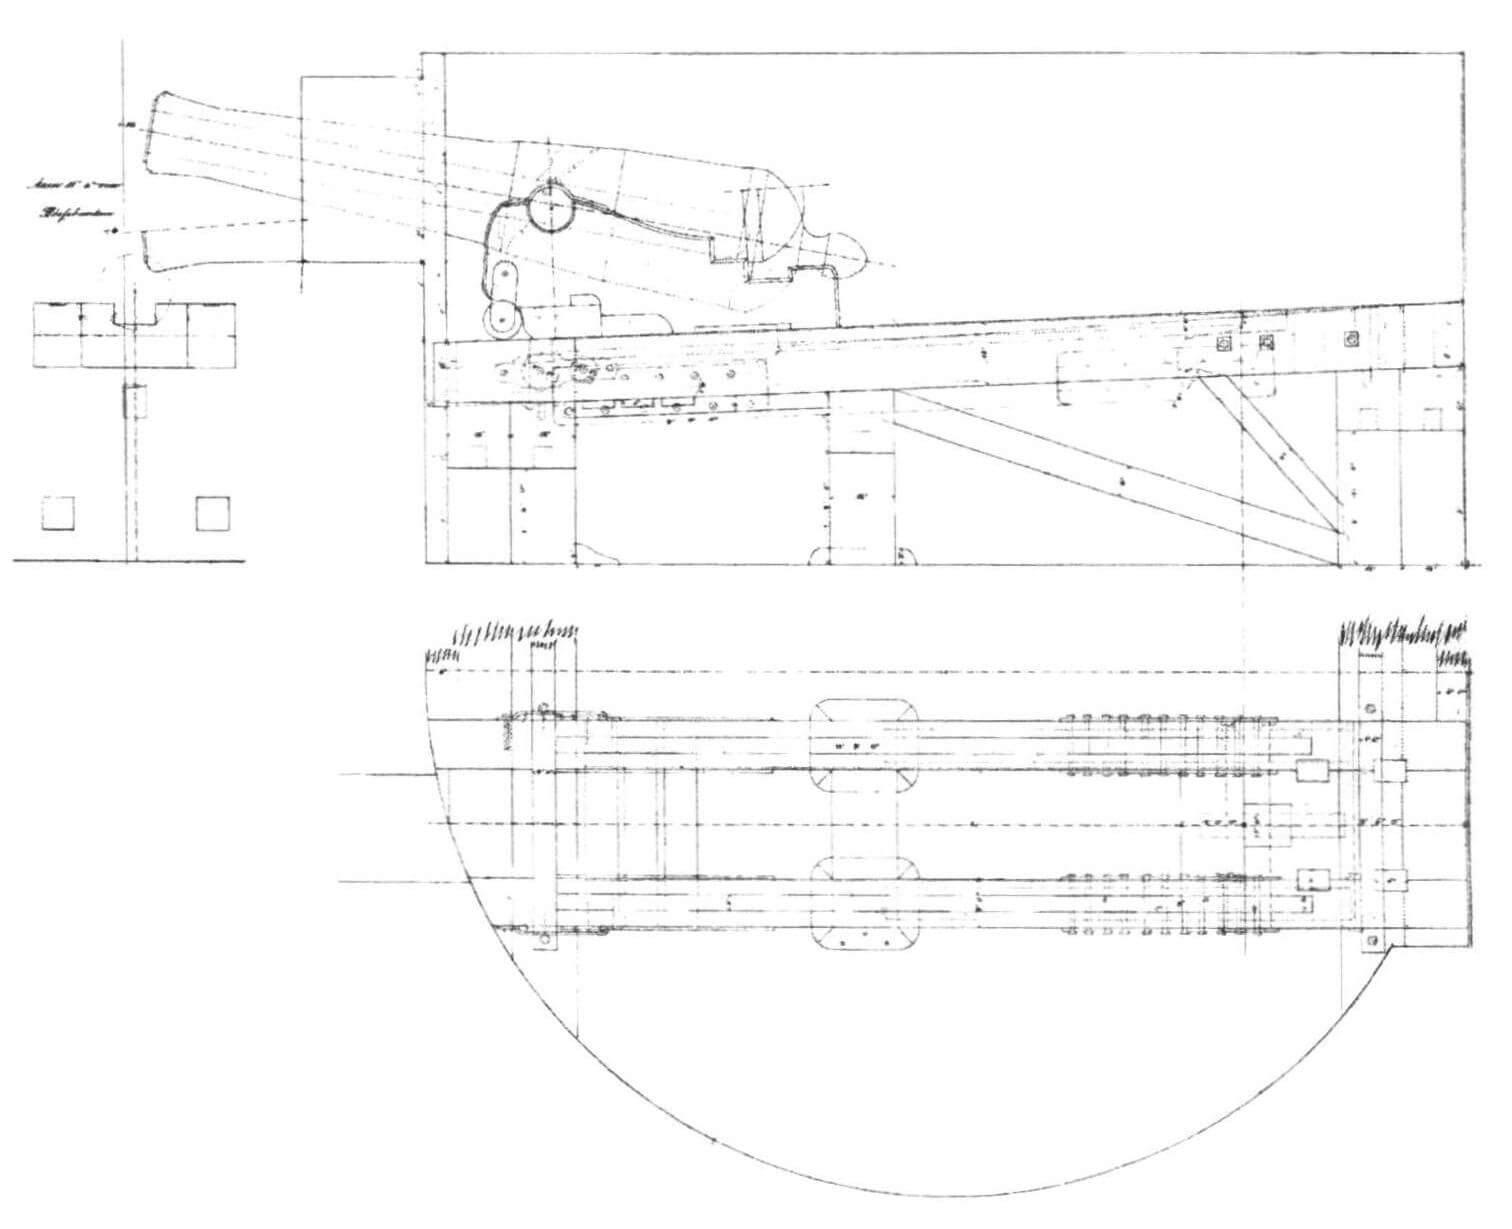 Установка 68-фунтового орудия в башне броненосной батареи «Рольф Краке» (копия подлинного чертежа)